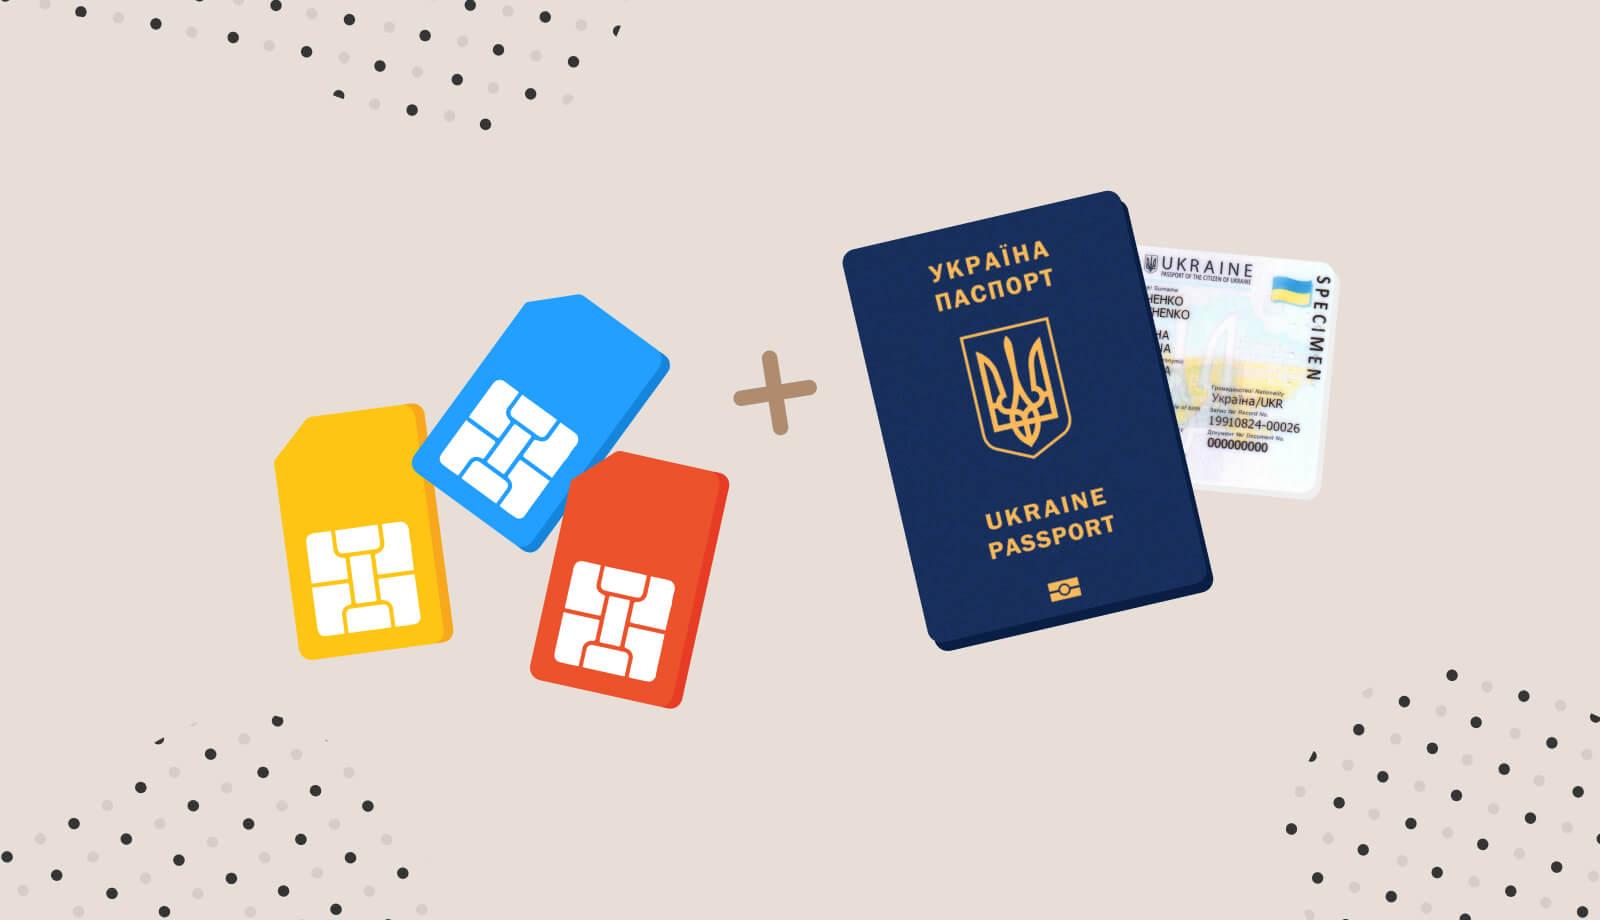 Продаж сім карт в Україні за паспортом